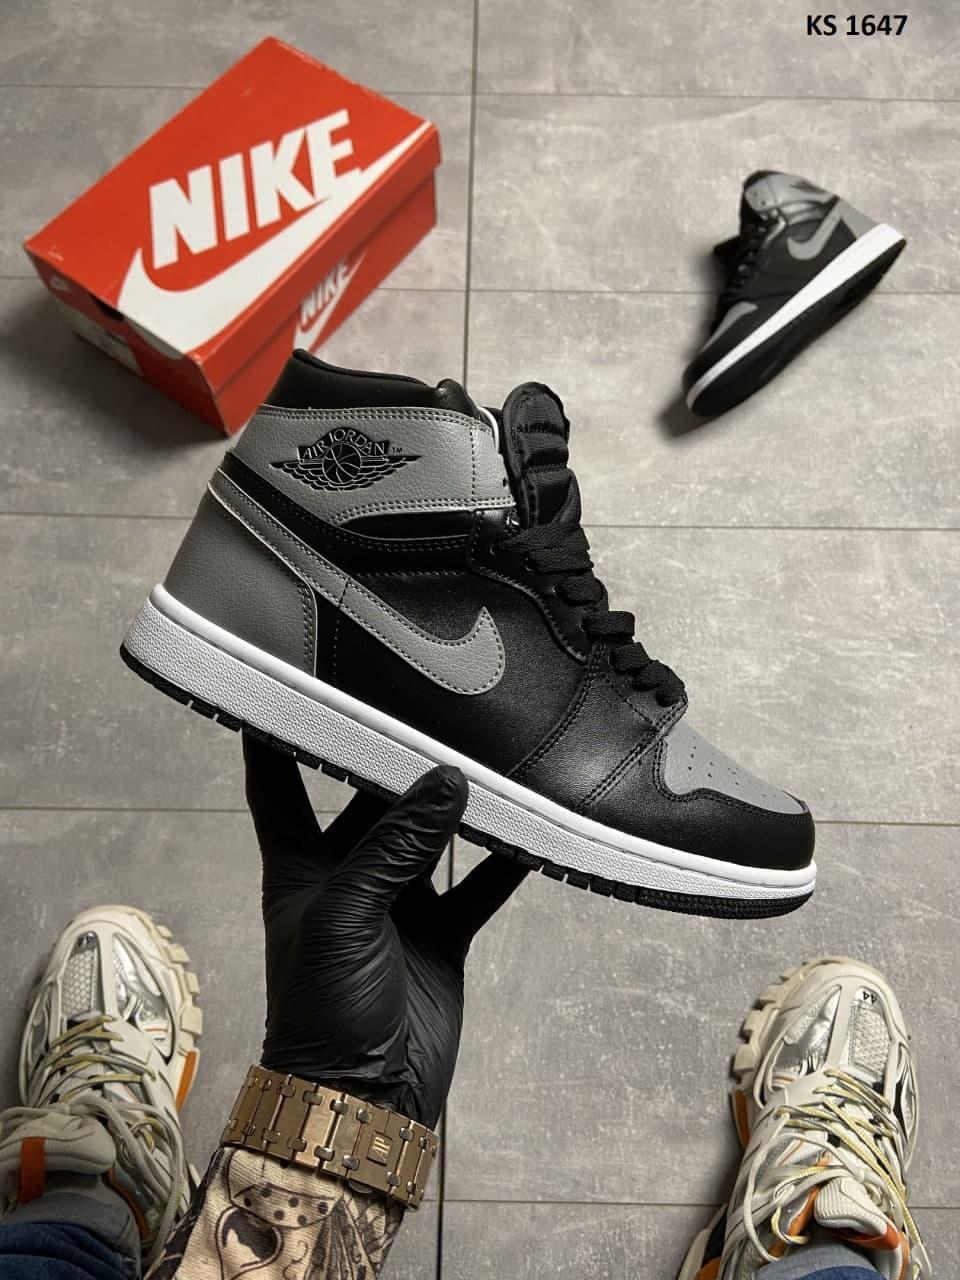 Мужские кроссовки Nike Air Jordan 1 Retro High Shadow (черно-серые) KS 1647 кроссы модные повседневные